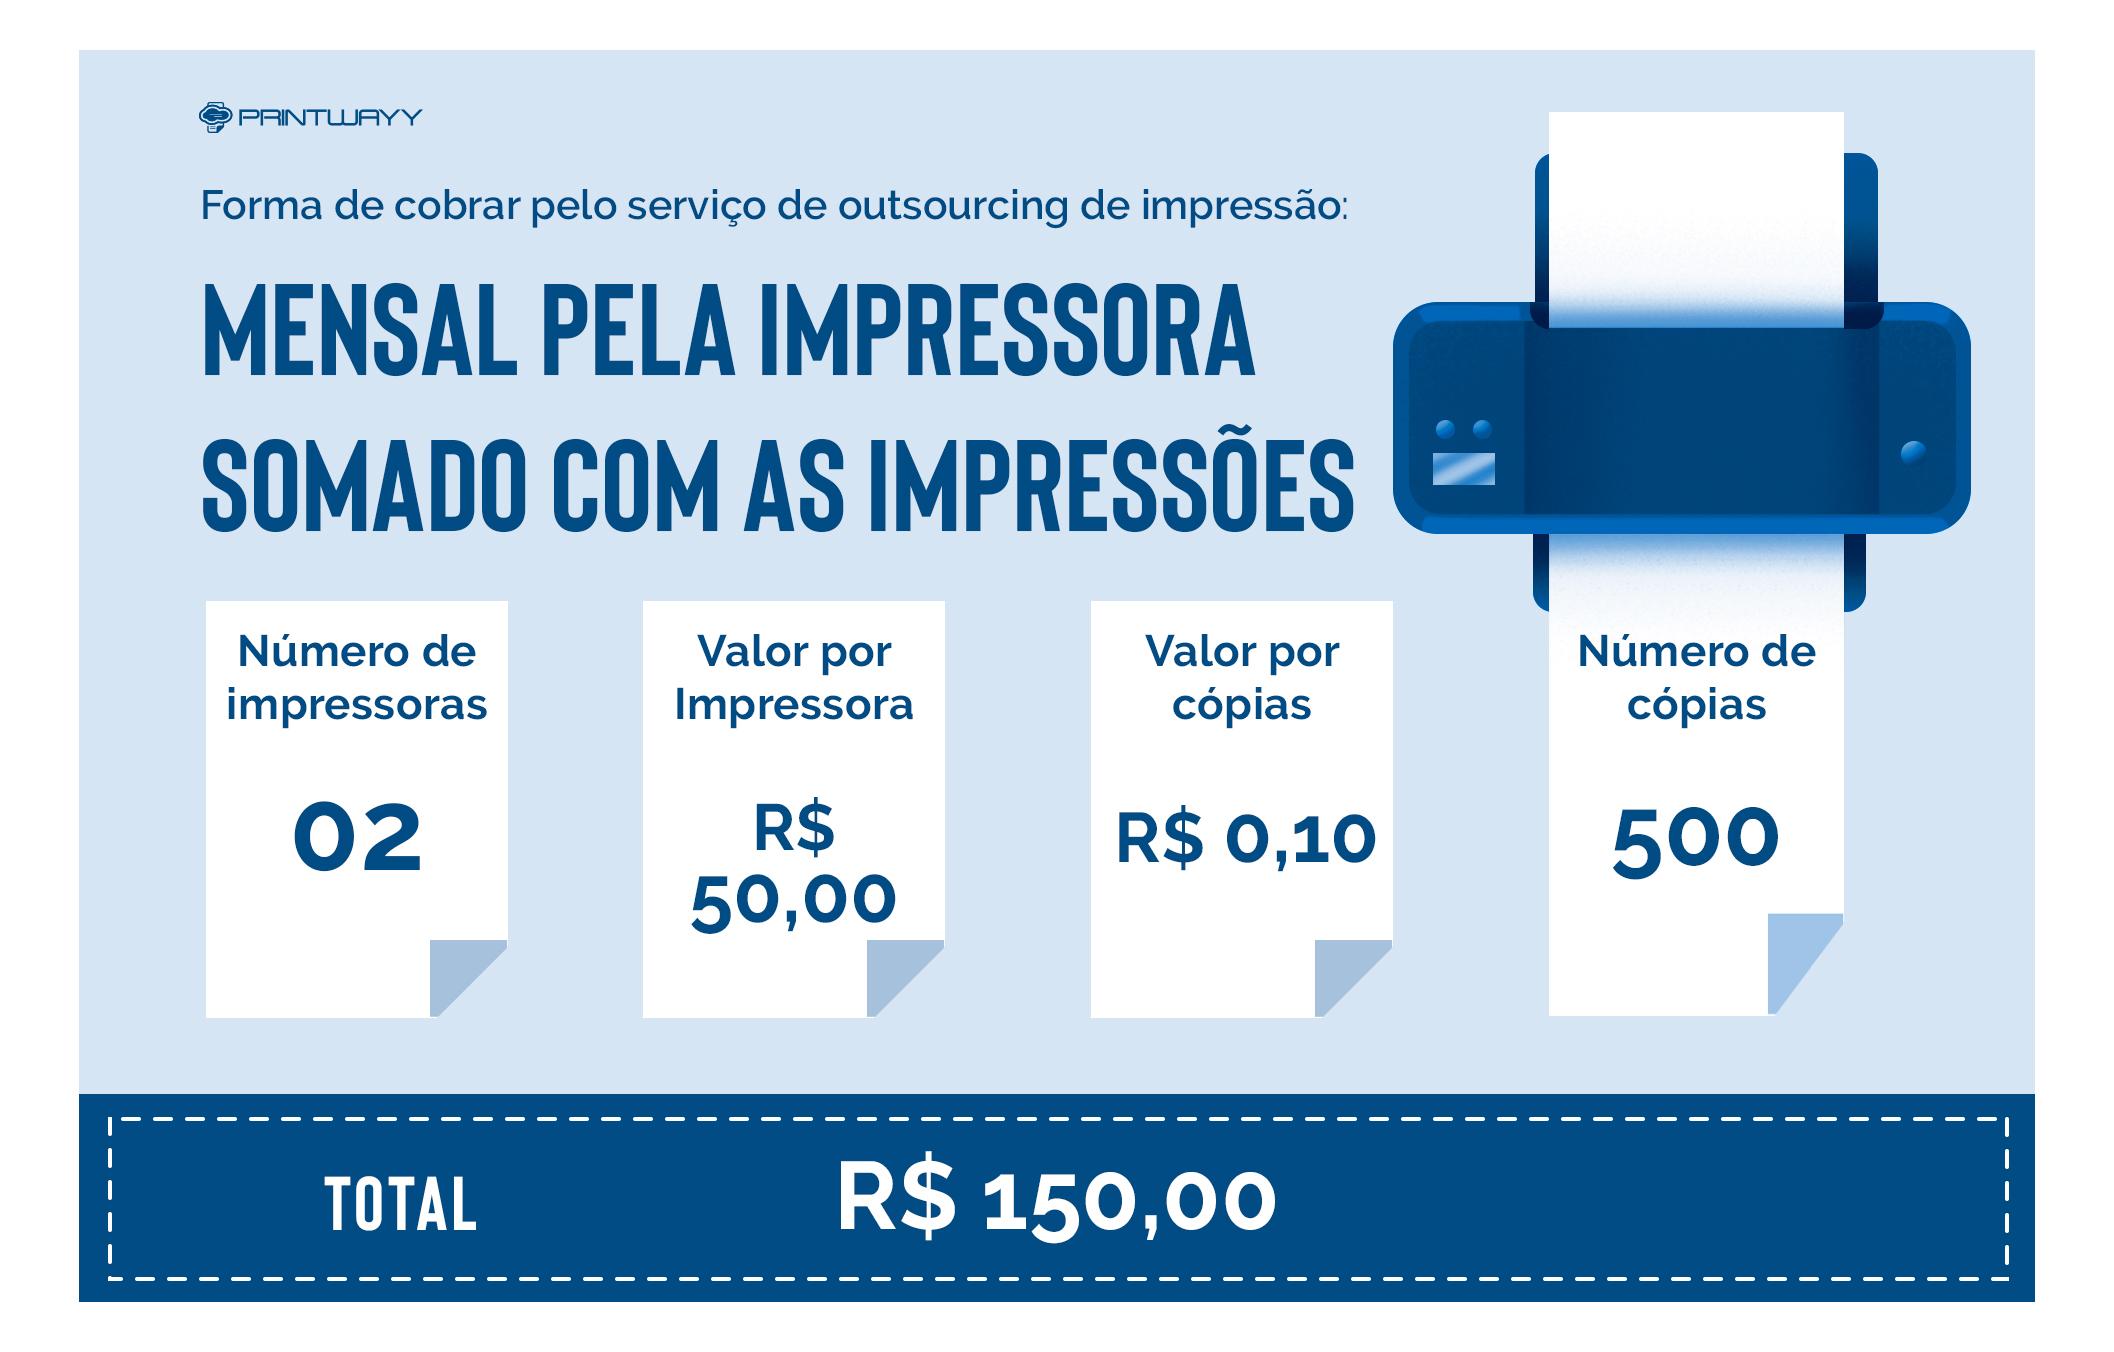 Infográfico da Forma de cobrar pelo serviço de outsourcing de impressão - mensal pela impressora somado com as impressões.